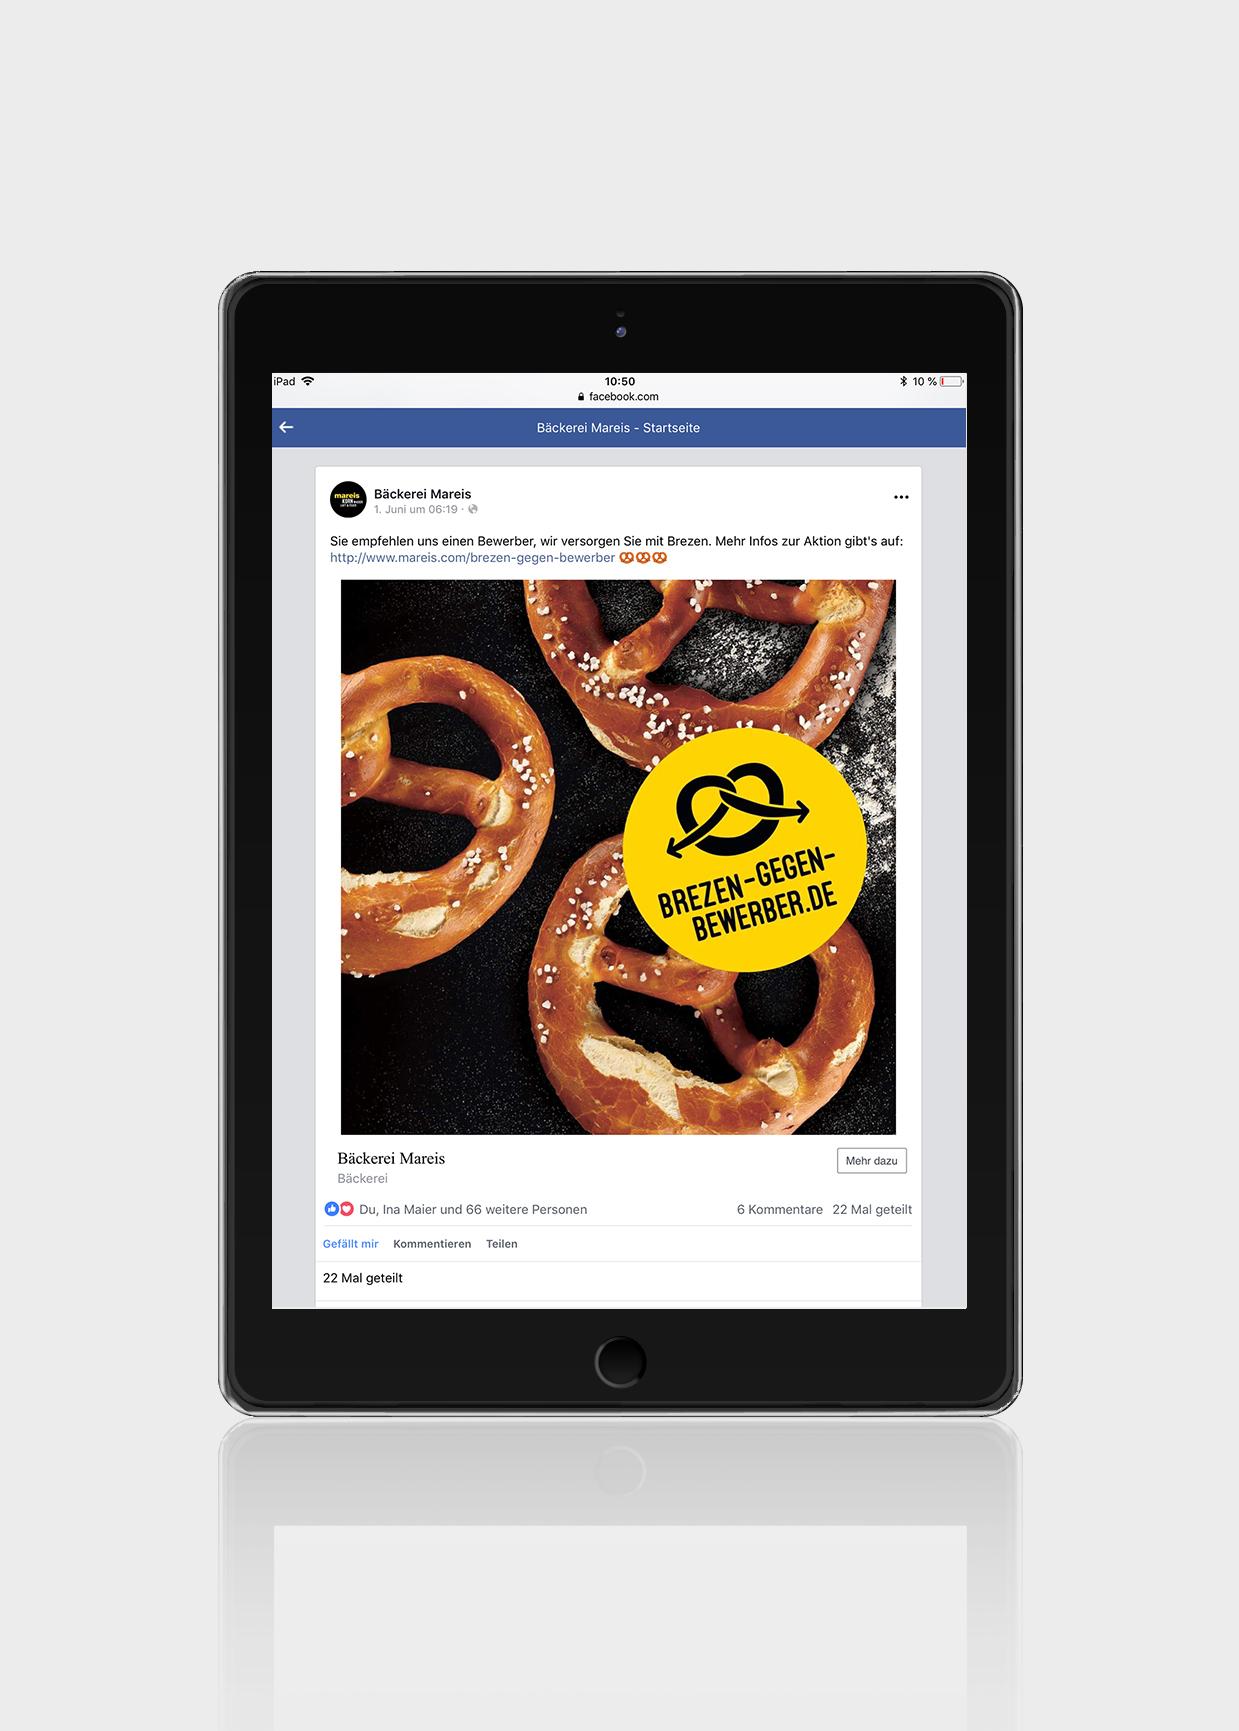 Bäckerei Kampagne Mikrosite ipad